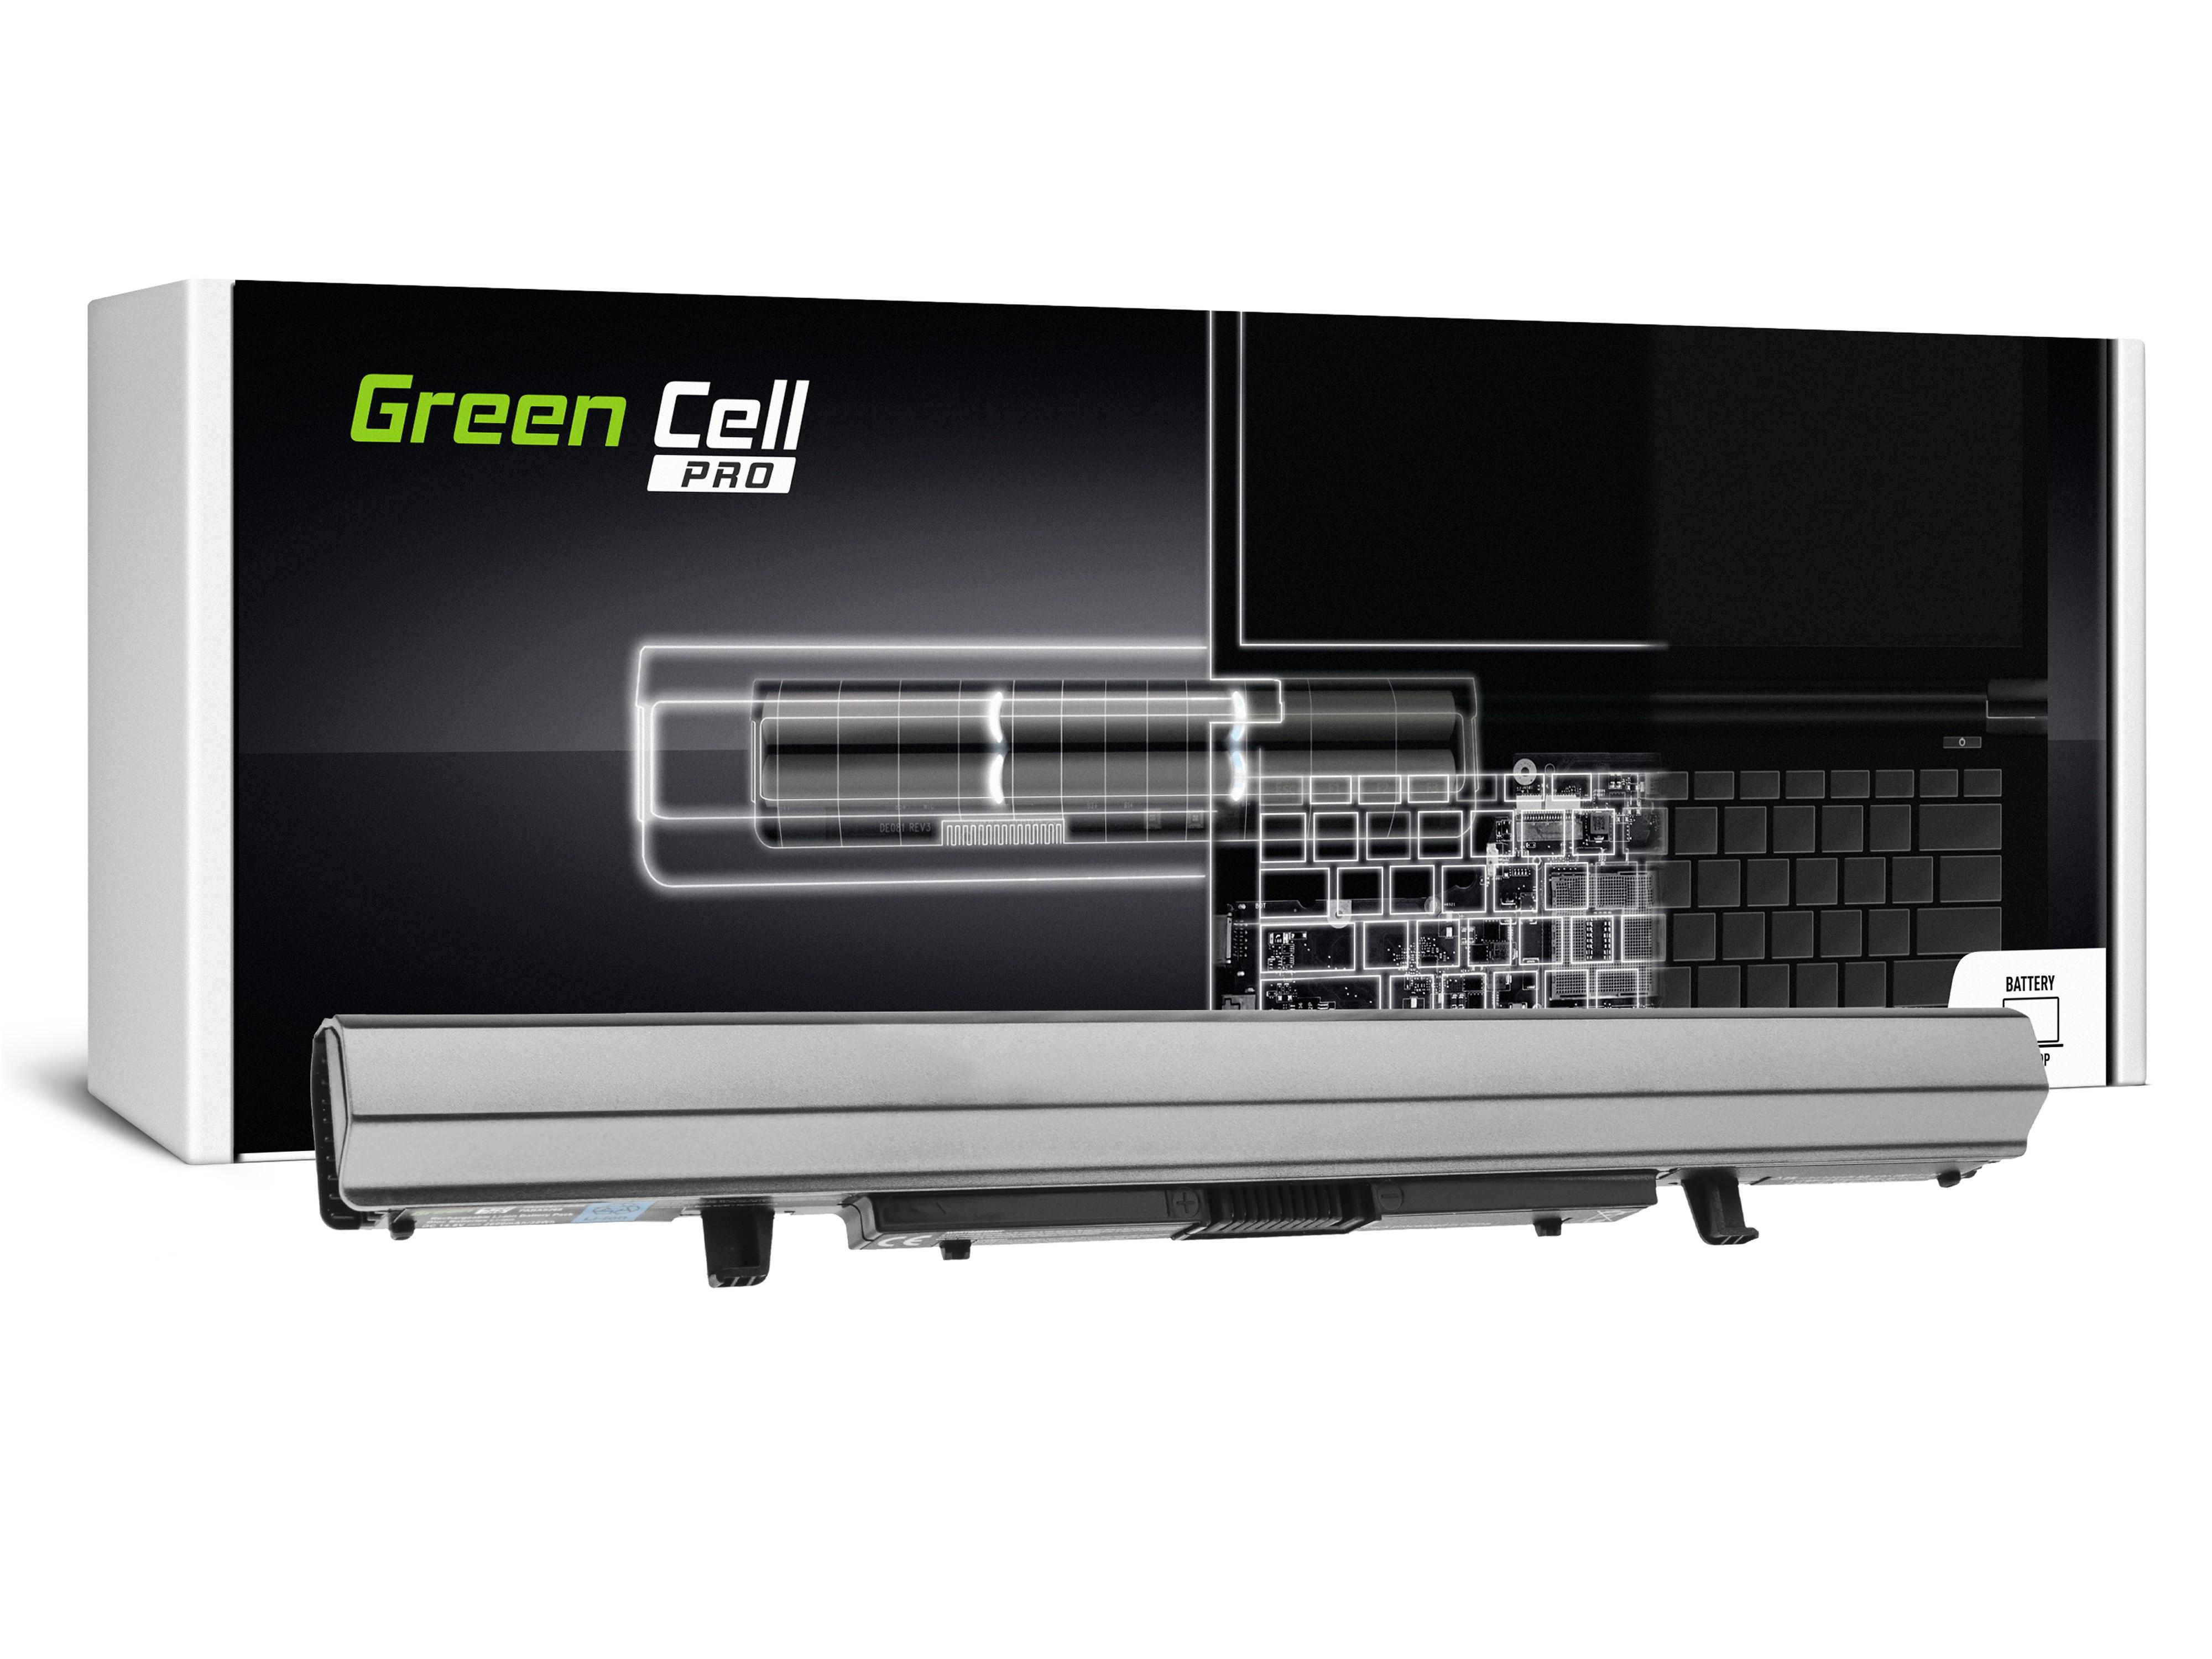 https://www.mondonotebook.it/8901/green-cell-pro-batteria-pa5076u-1brs-per-toshiba-satellite-u845-u940-u945-u945-s4110-l950-l950d-l955-l955d-s955.jpg